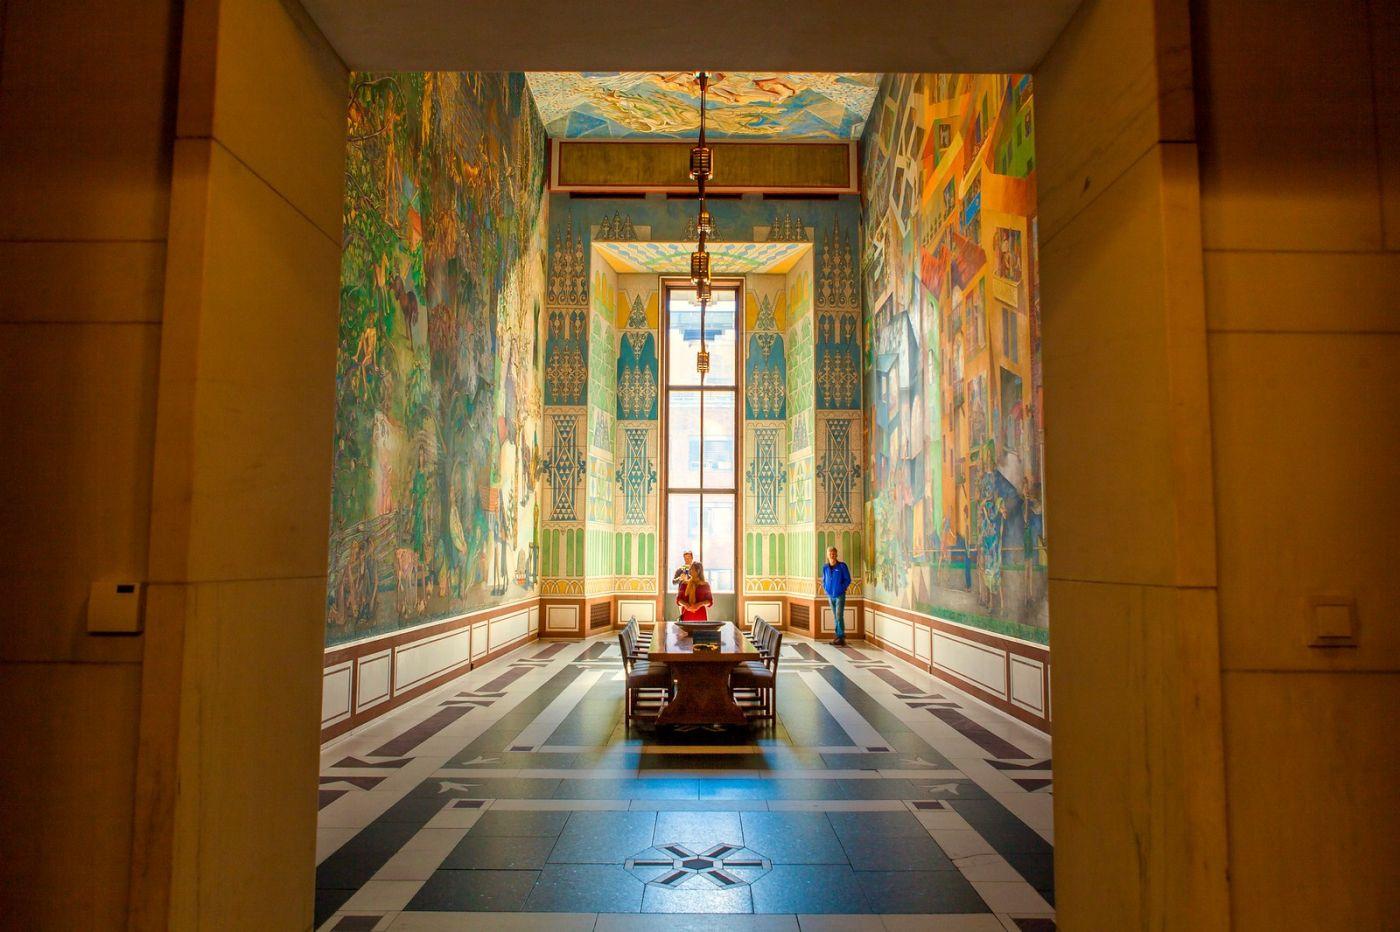 挪威奥塞罗市政厅,走进世纪建筑_图1-2